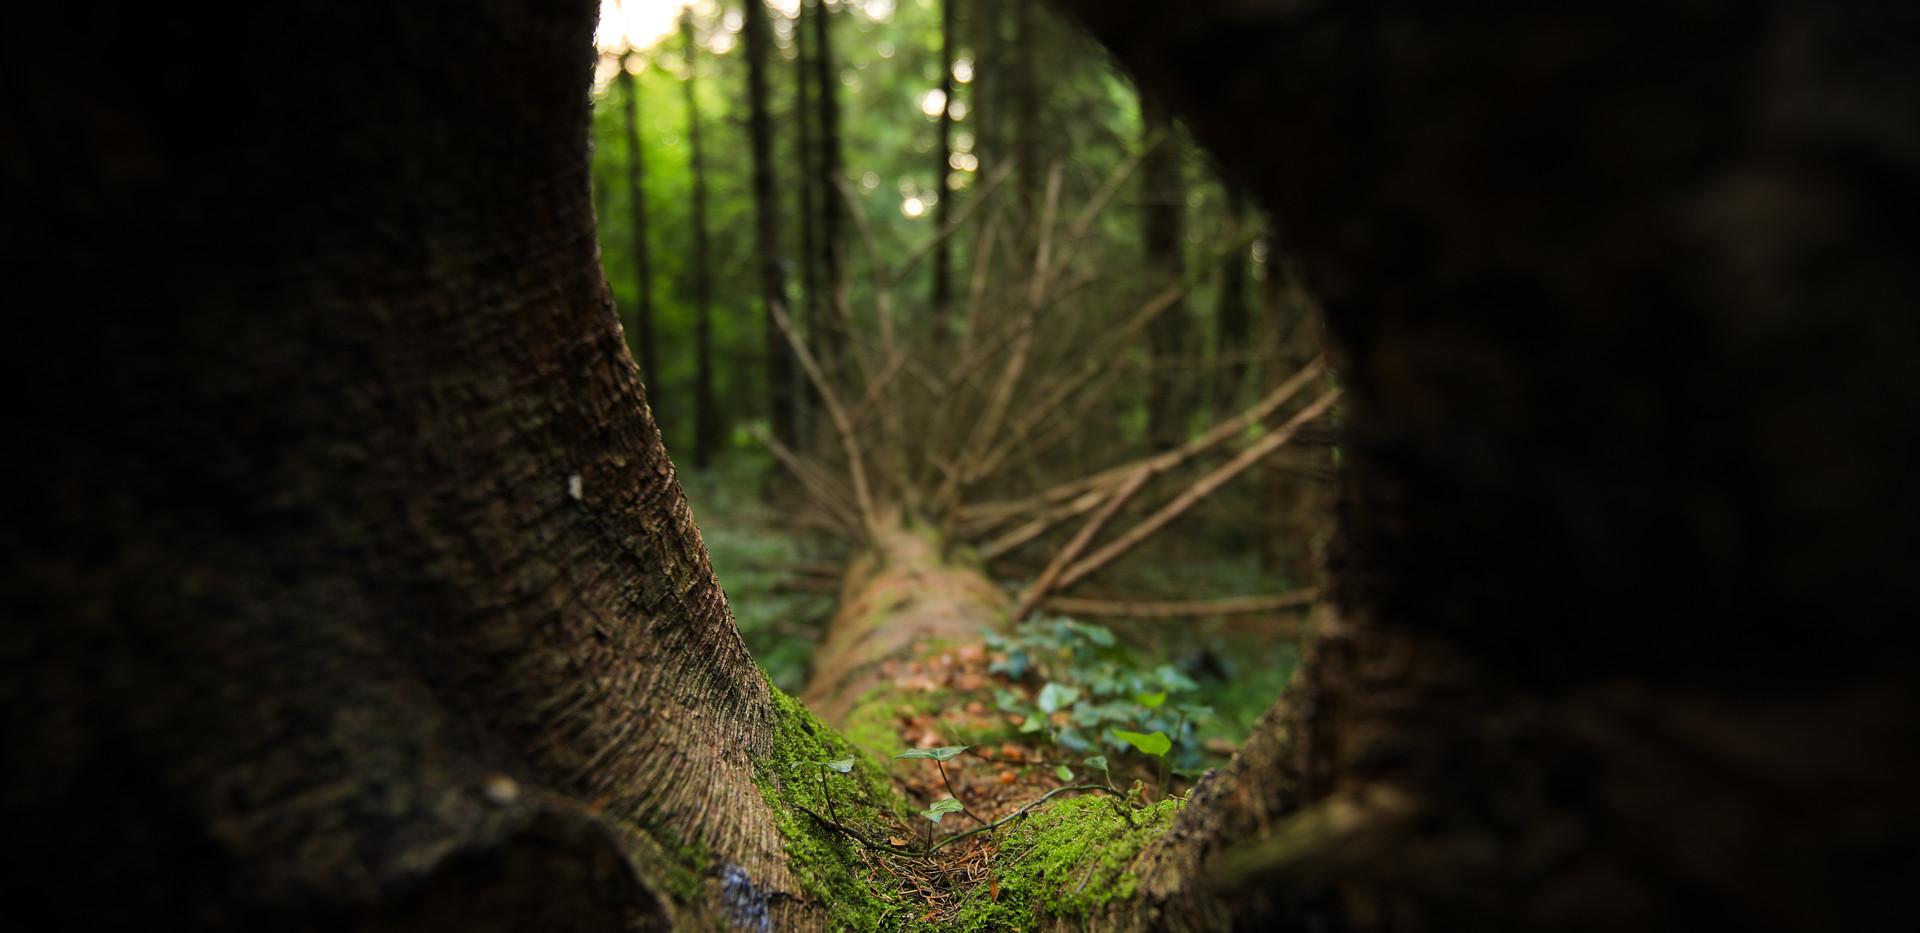 Irelandforest9.jpg